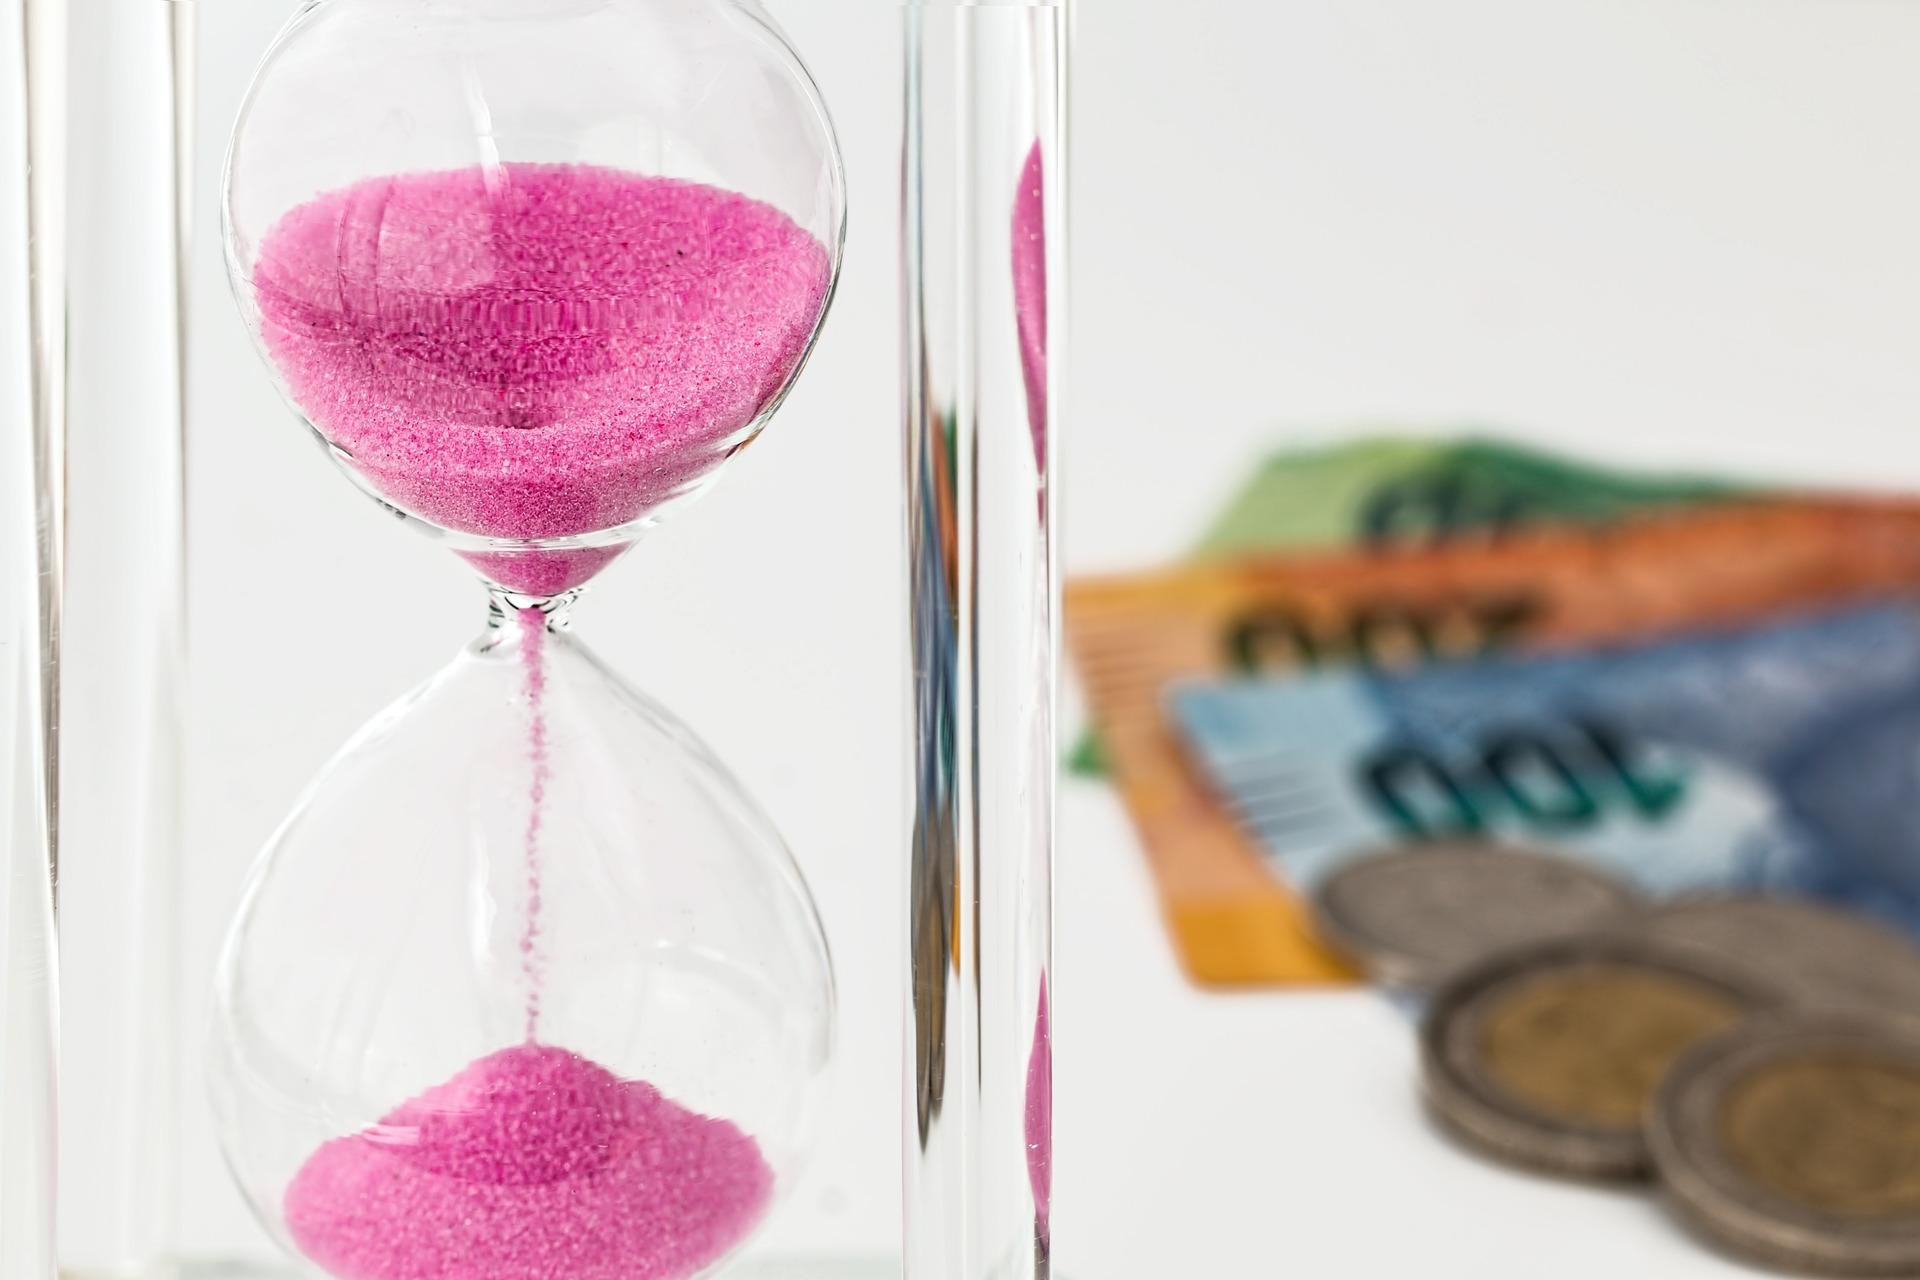 Kosten für Psychotherapie